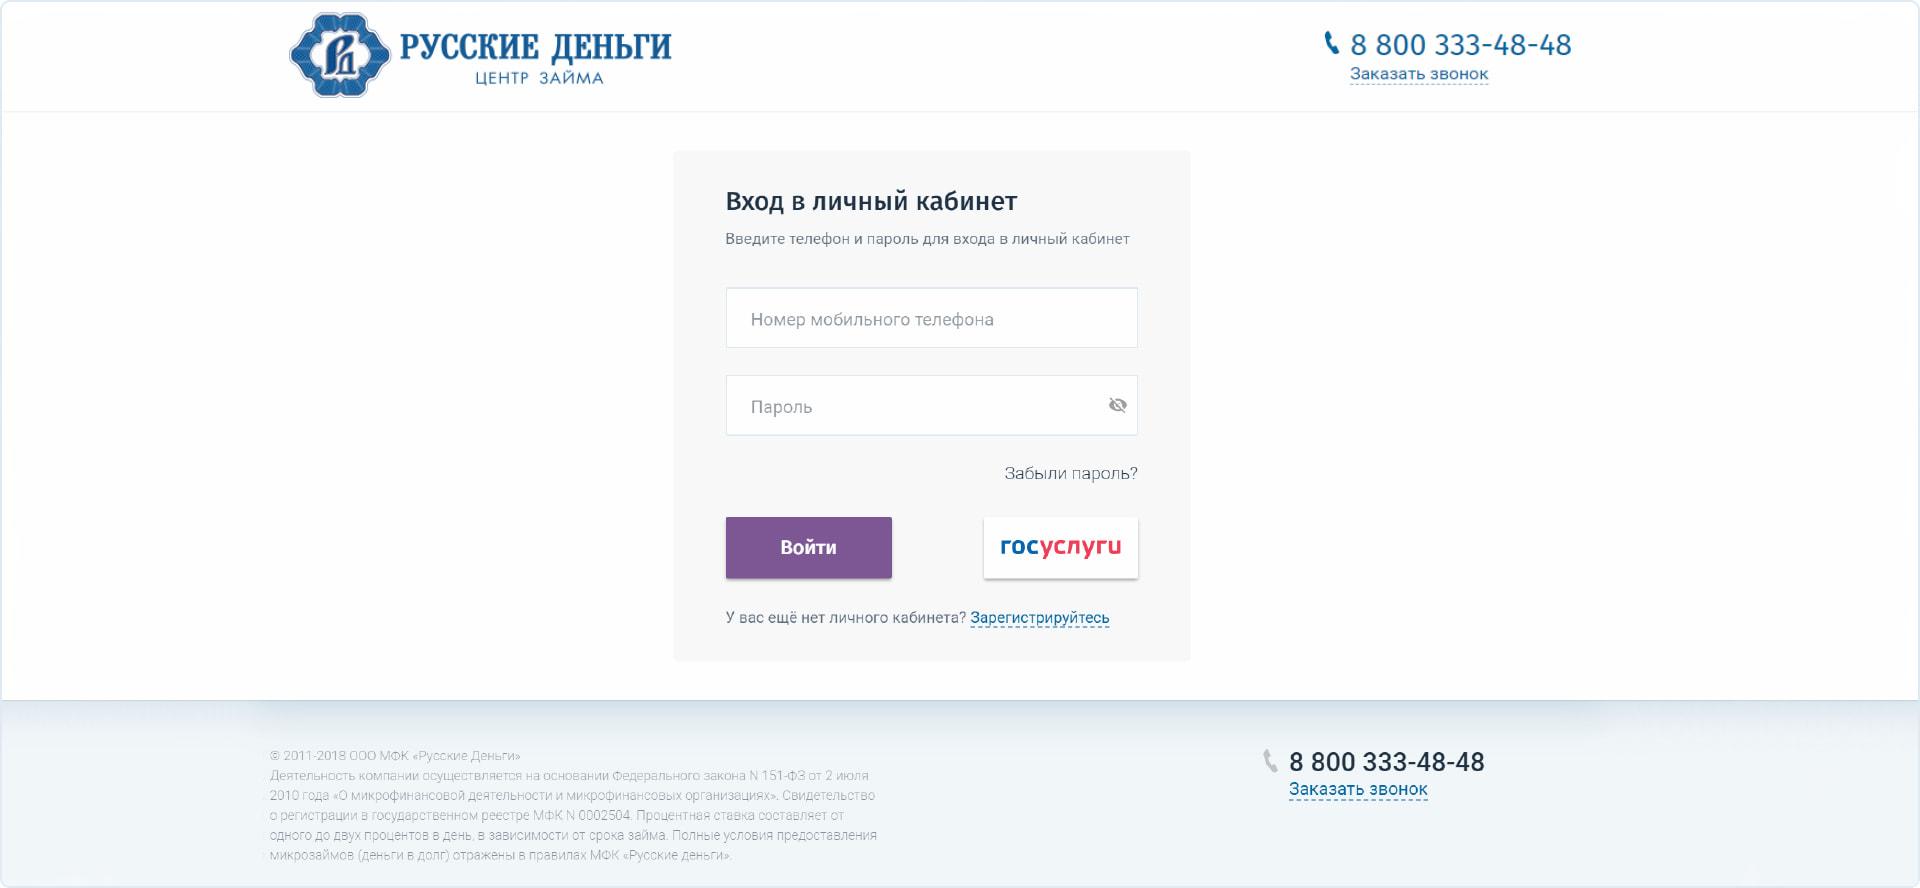 Как отключить онлайн банк сбербанка